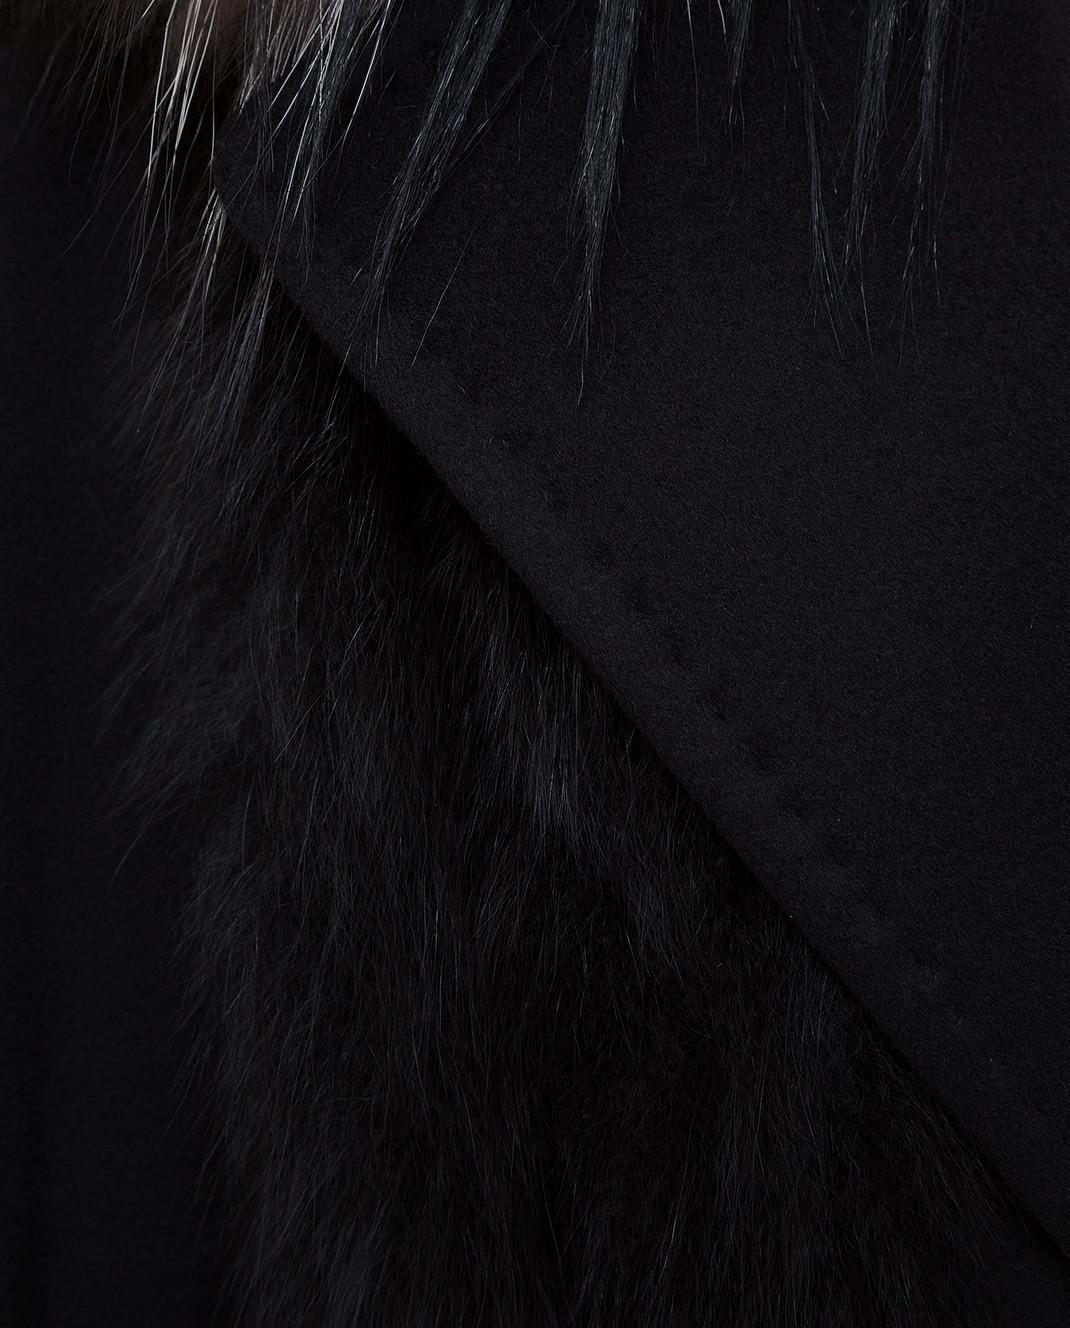 Giuliana Teso Черное пальто из шерсти и кашемира с мехом лисы 64C6060 изображение 5